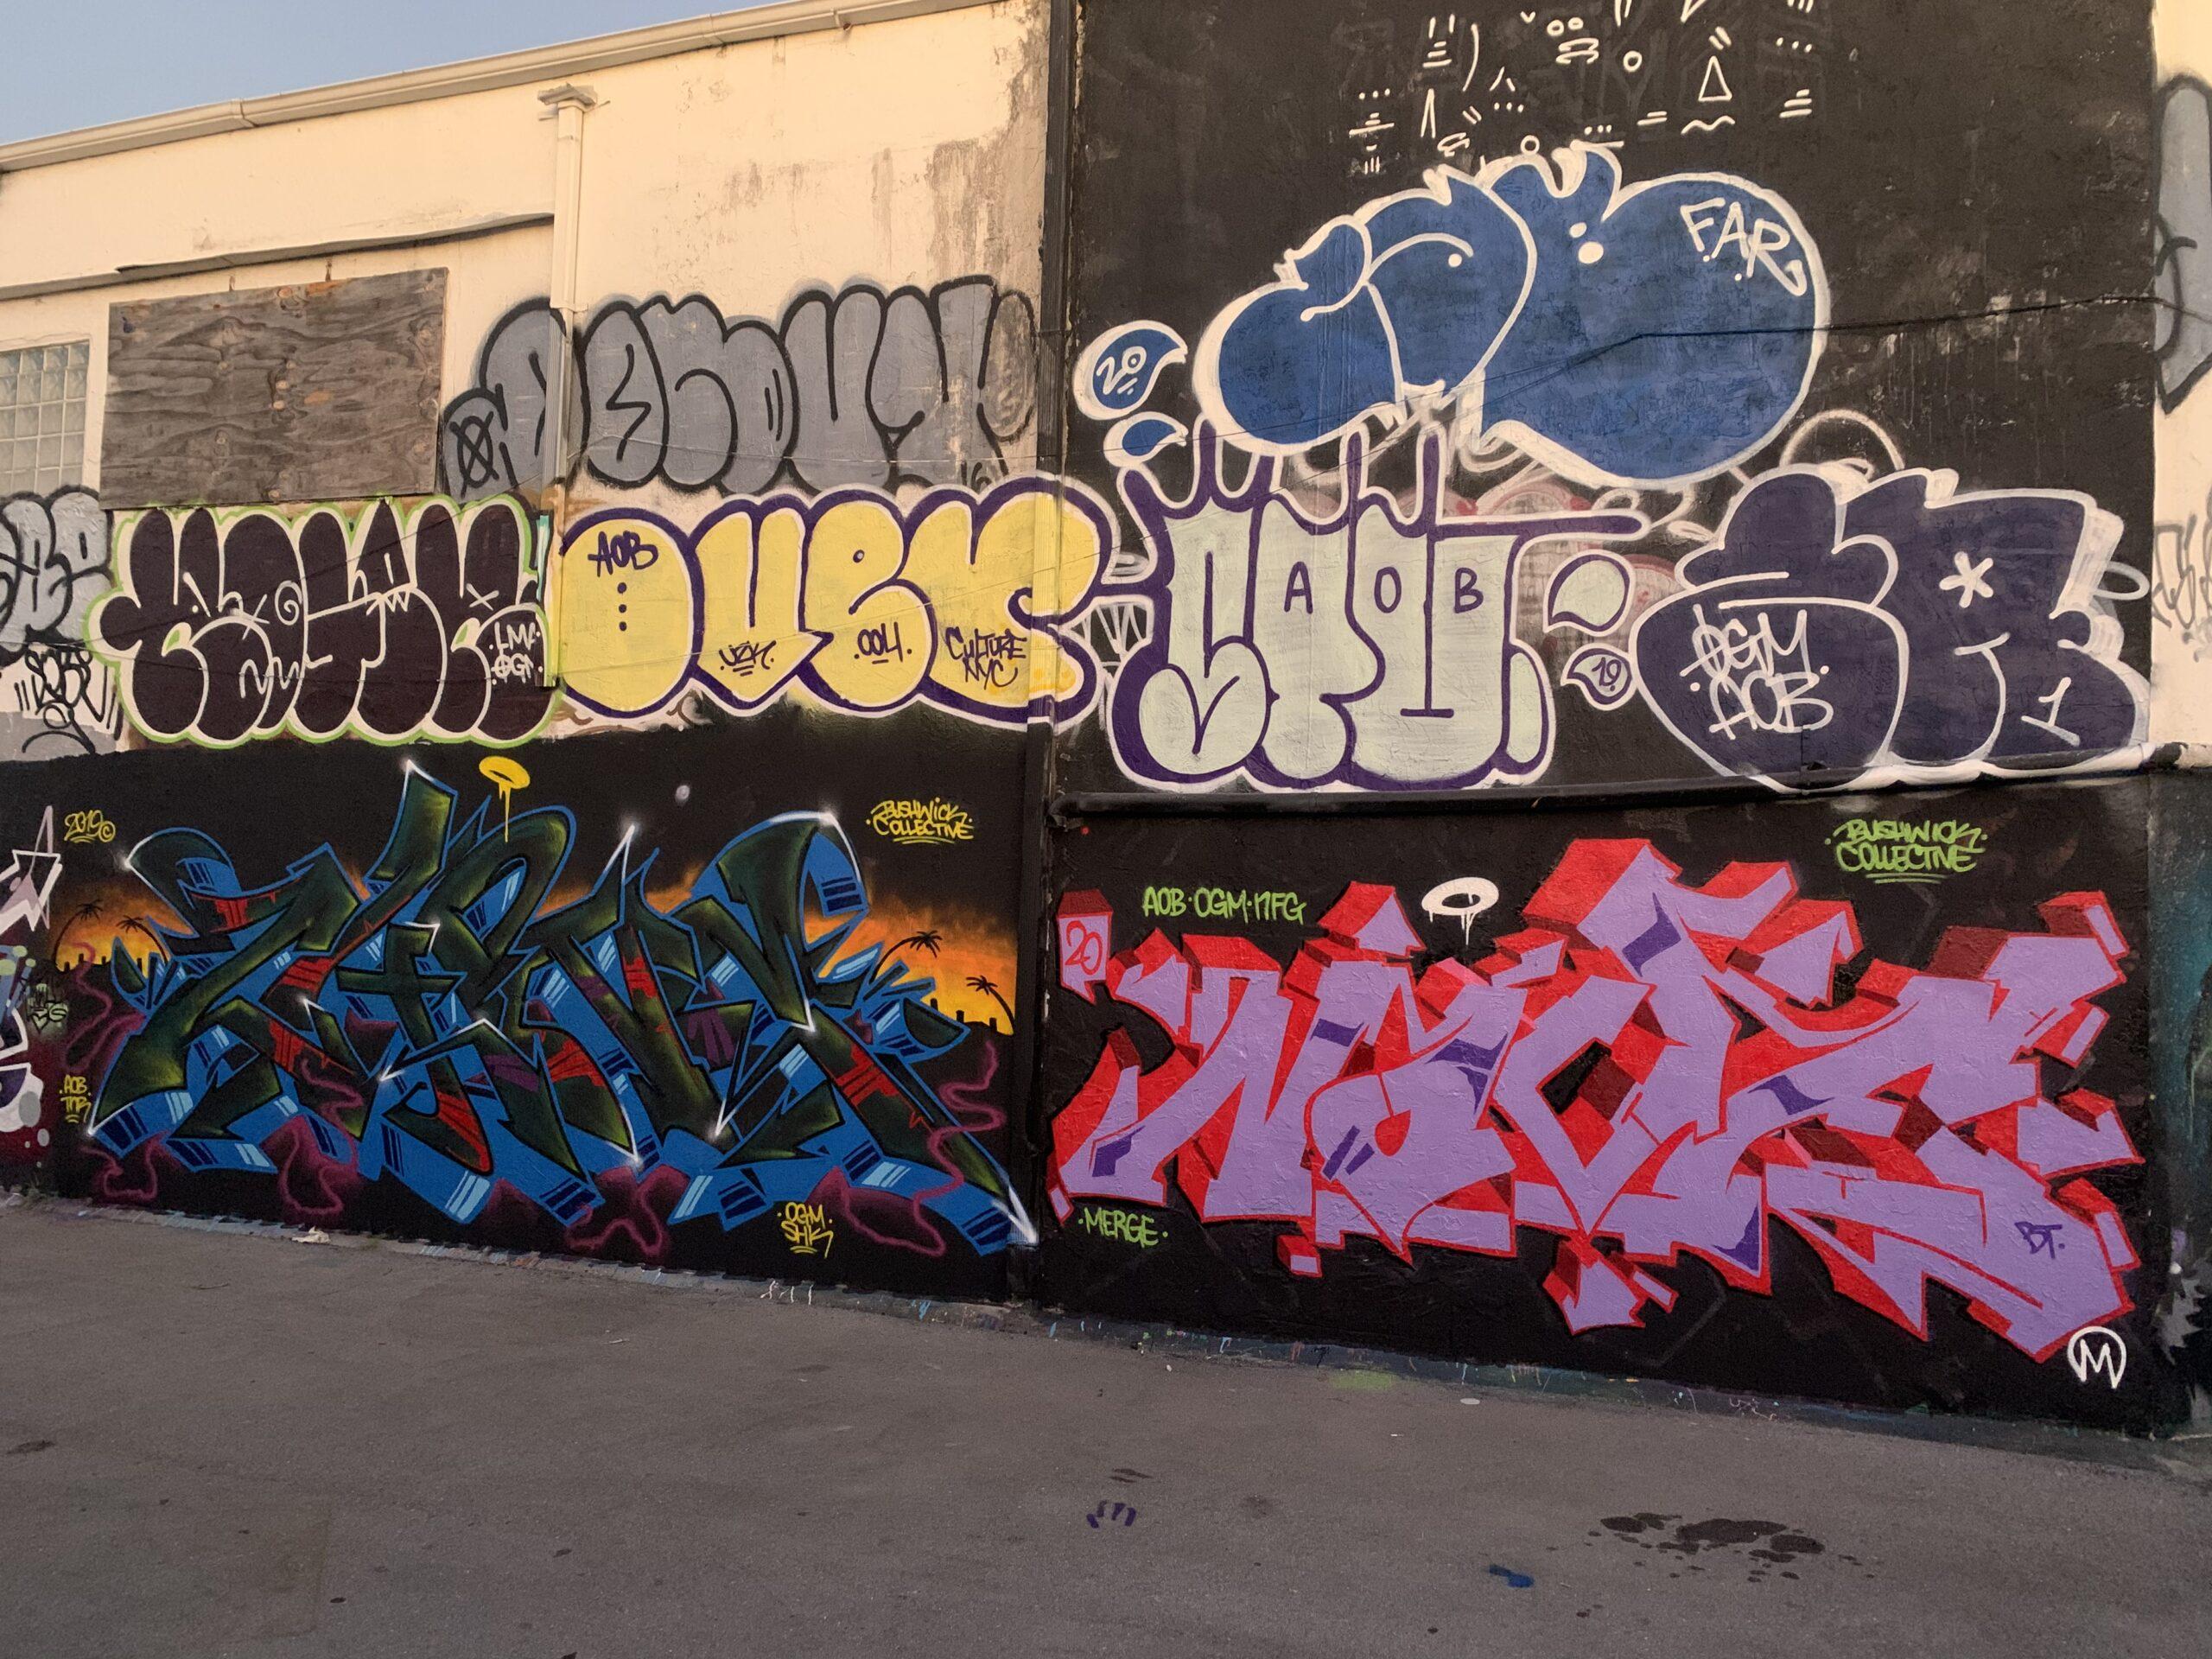 AOB in Miami, Wynwood Walls during Art Basel, Florida. 2019.